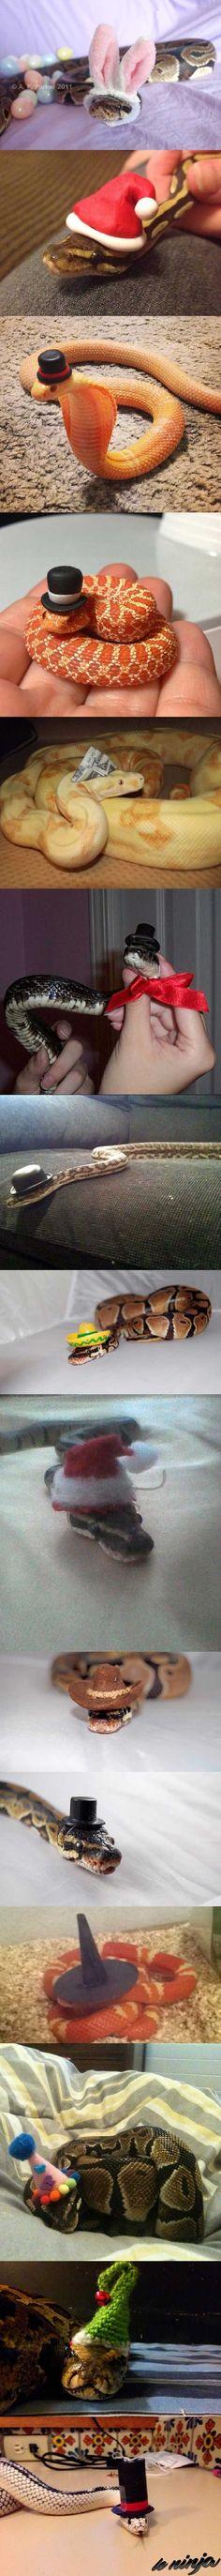 cute snakes <3